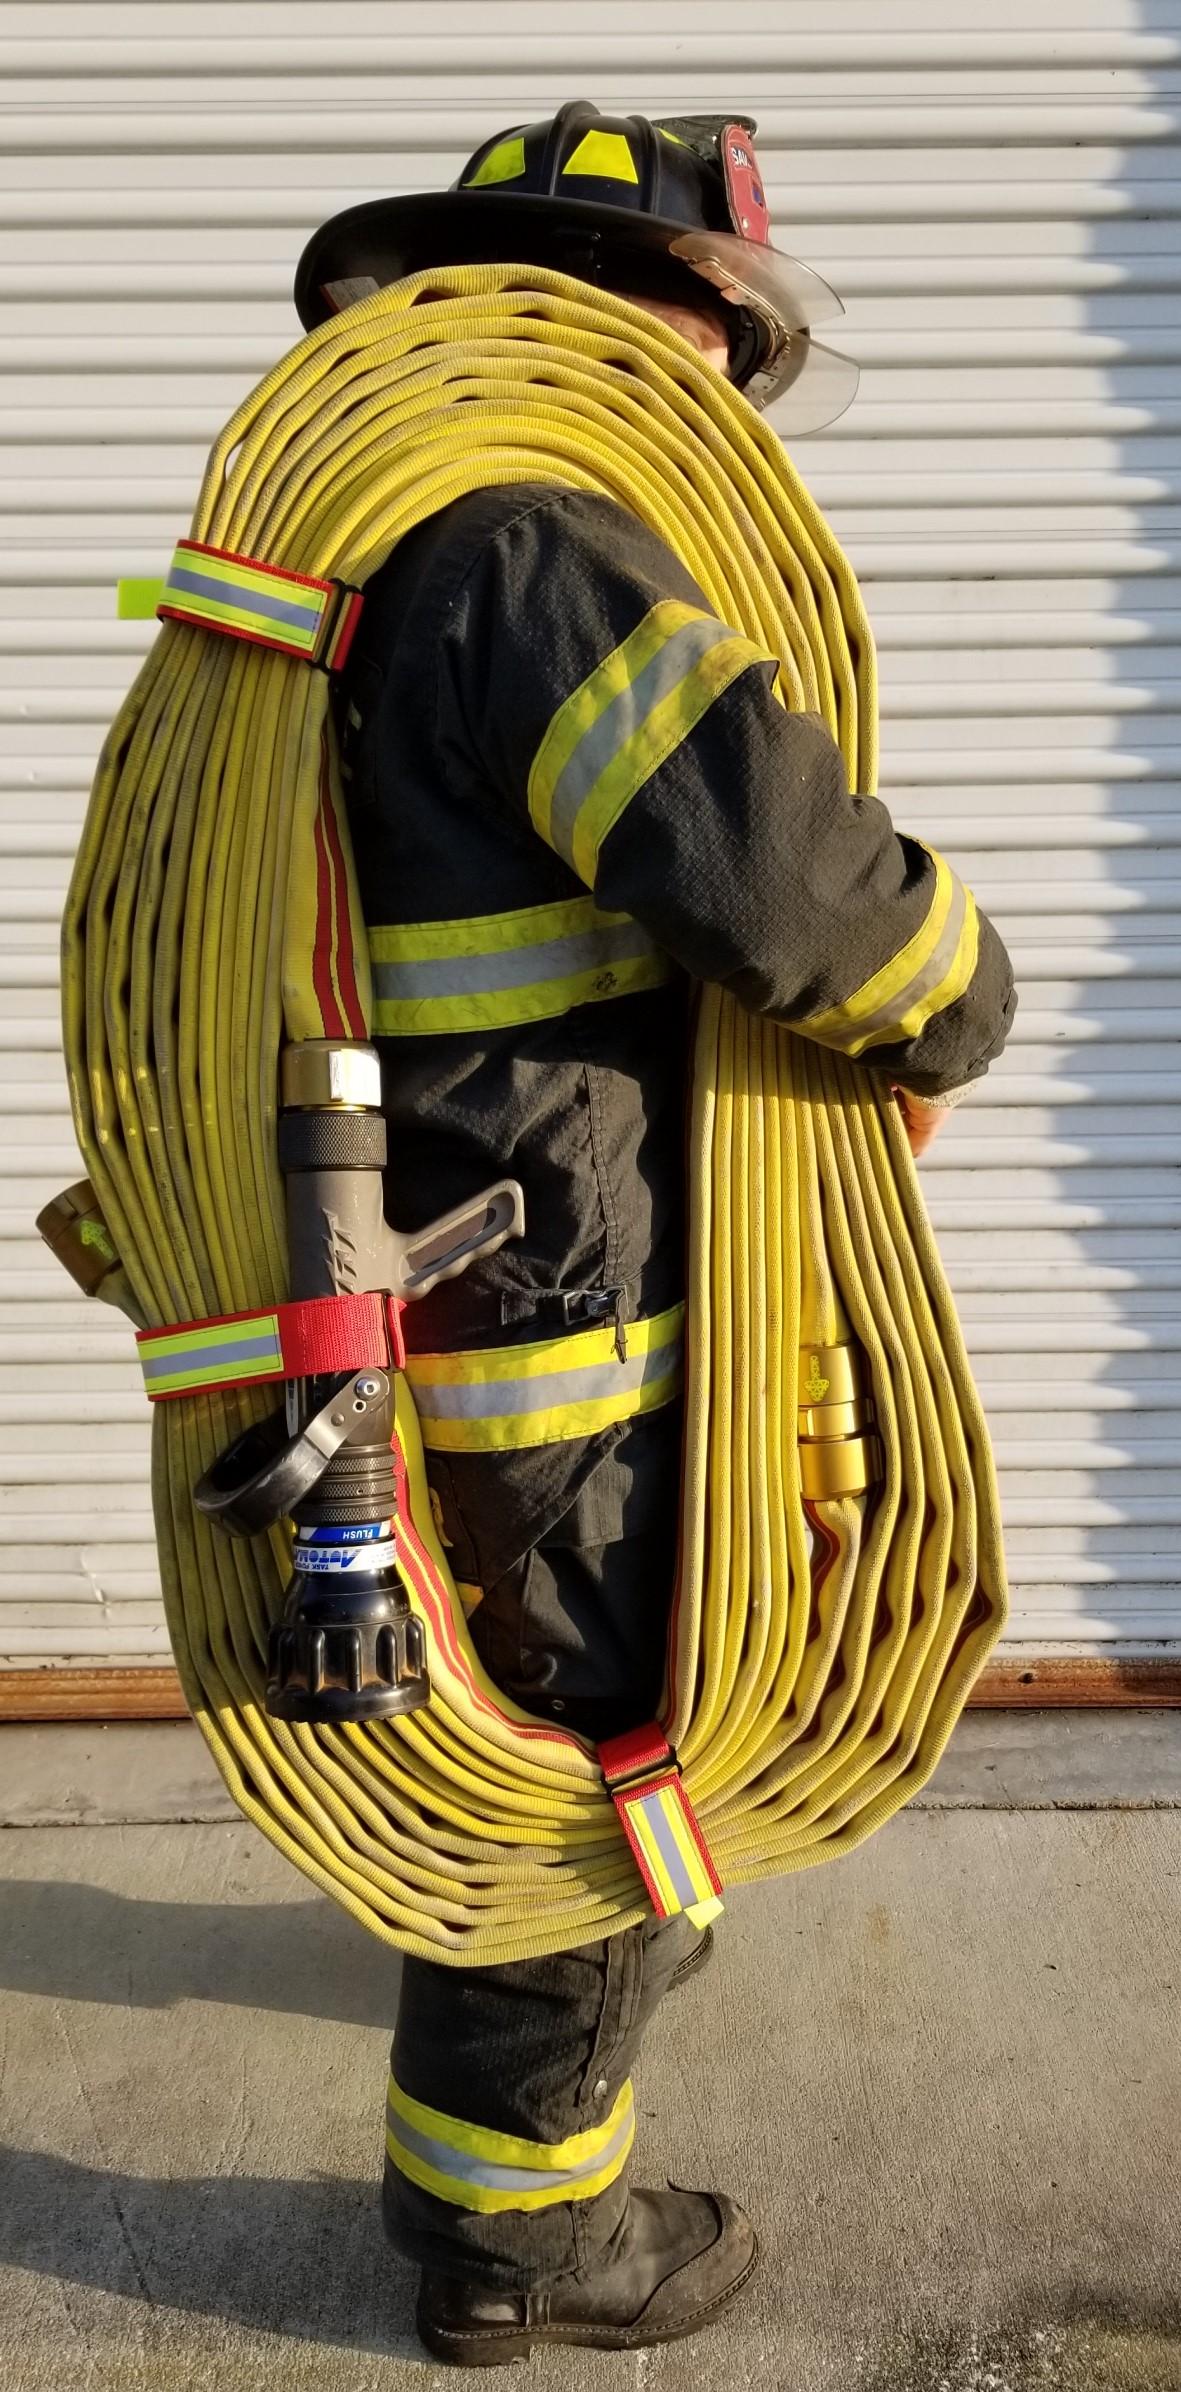 Cleveland Load Fire Hose Straps Black Resistant